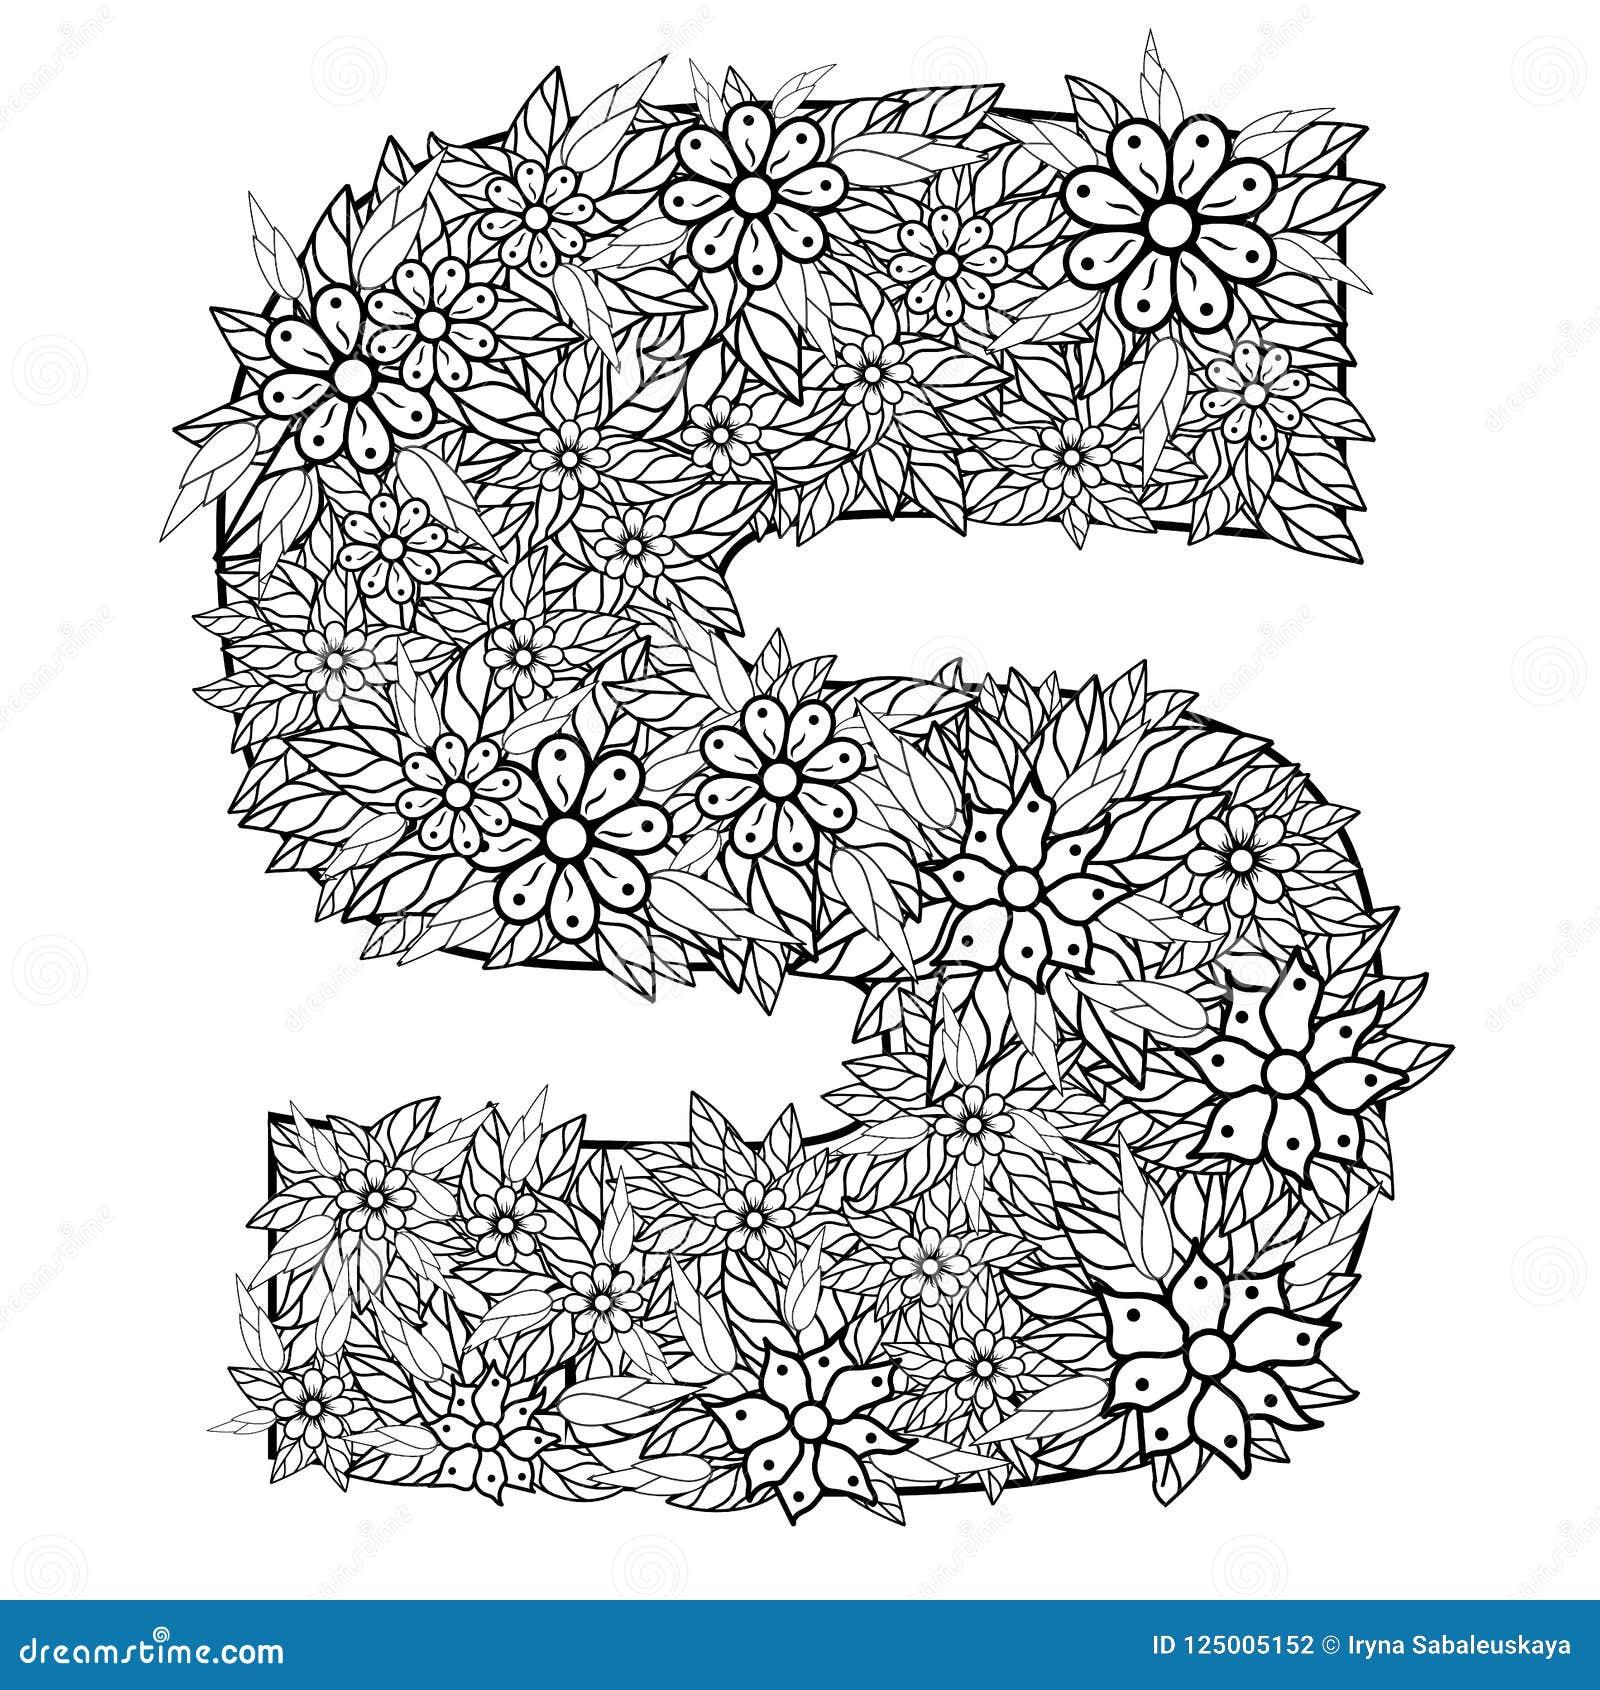 Letra S Dibujo De Dudling Mandala Alfabeto En El Estilo De Dudling